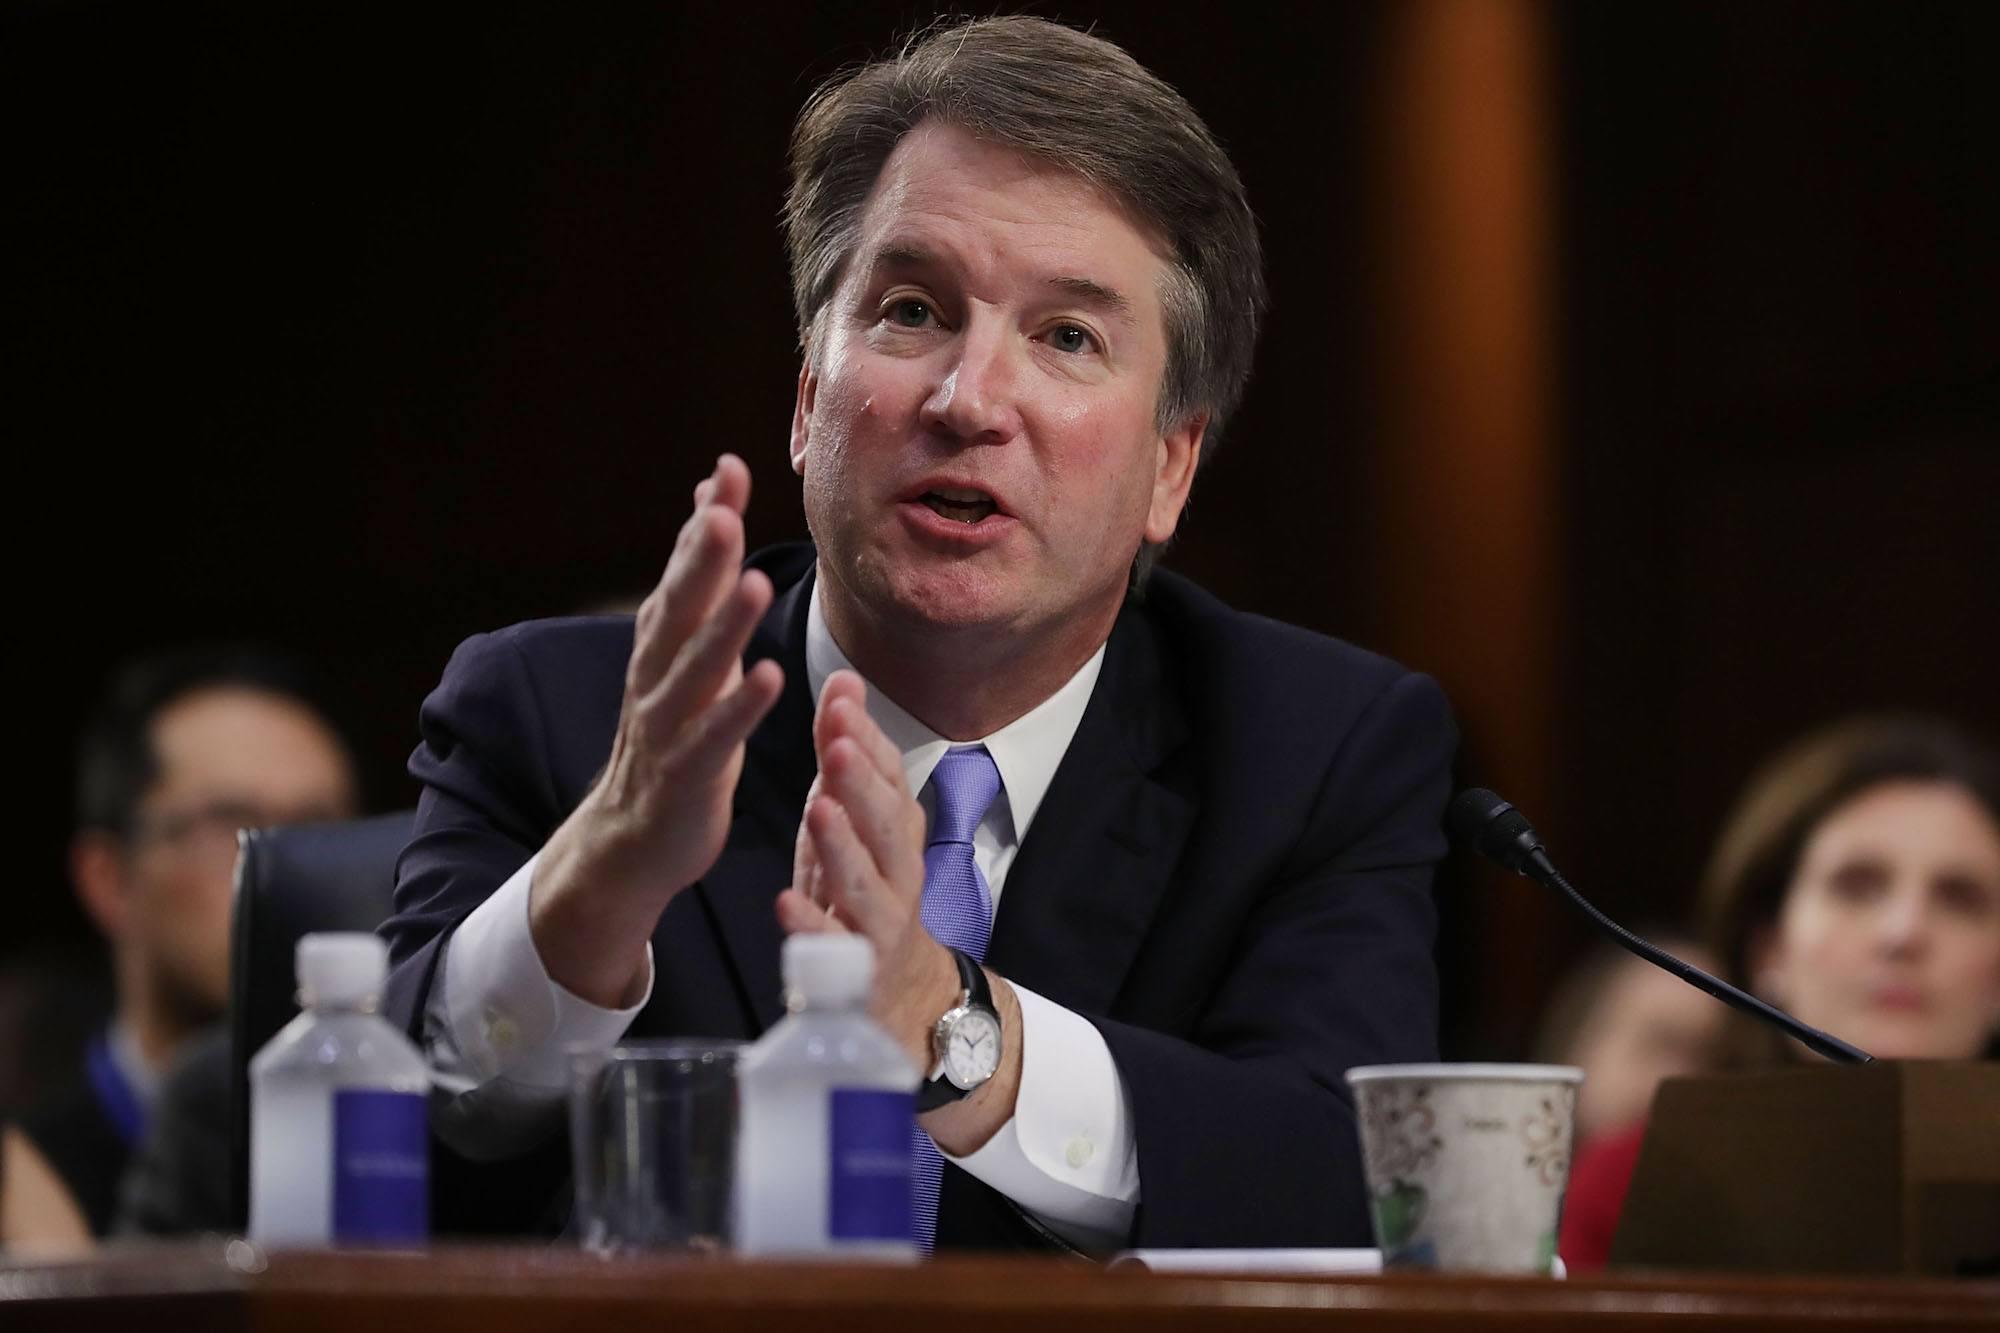 Supreme Court nominee Judge Brett Kavanaugh testifies before the Senate Judiciary Committee